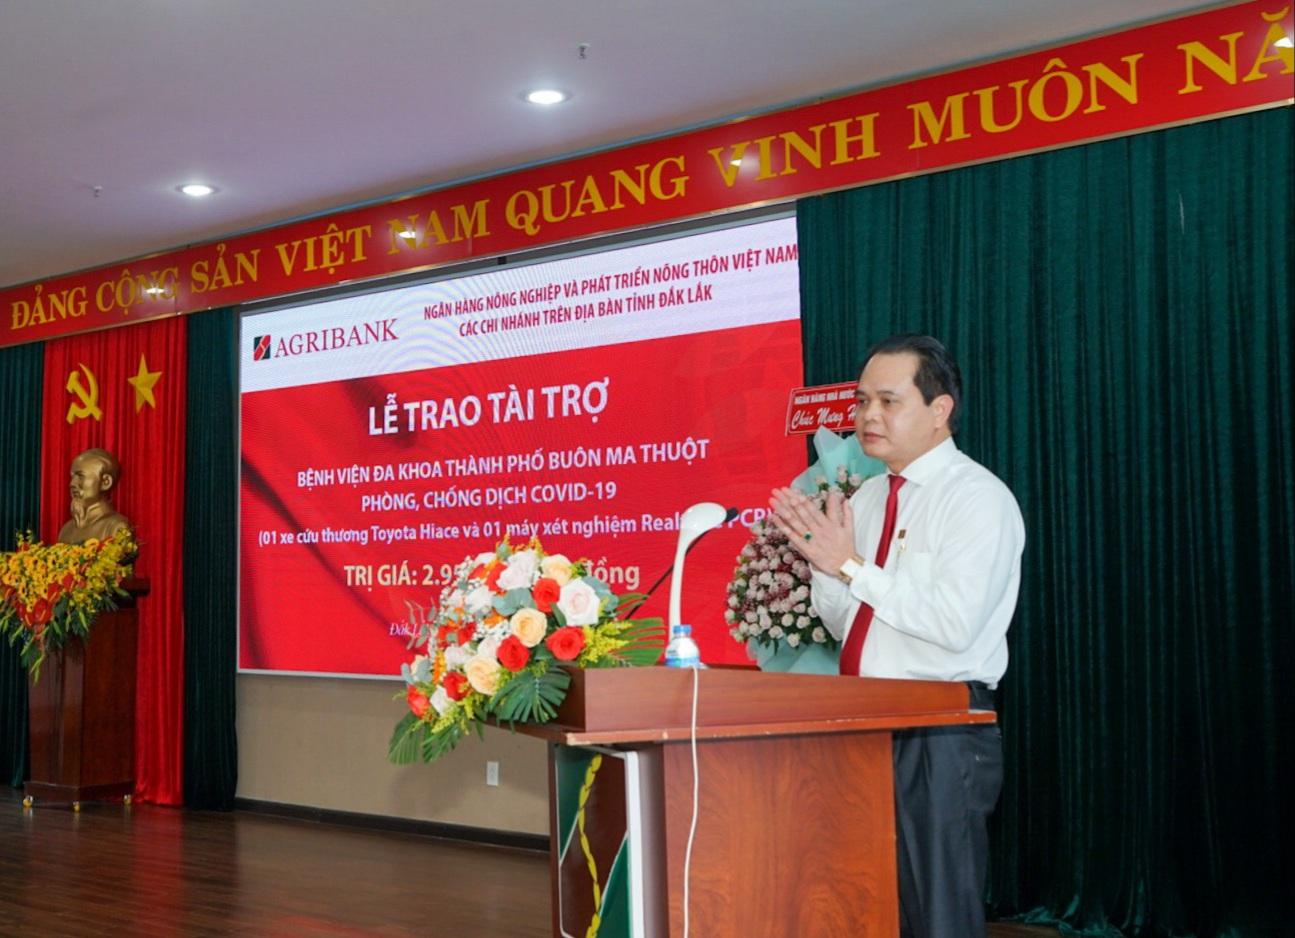 Các chi nhánh Agribank trên địa bàn tỉnh Đắk Lắk trao gói an sinh xã hội trị giá gần 3 tỷ đồng - Ảnh 2.